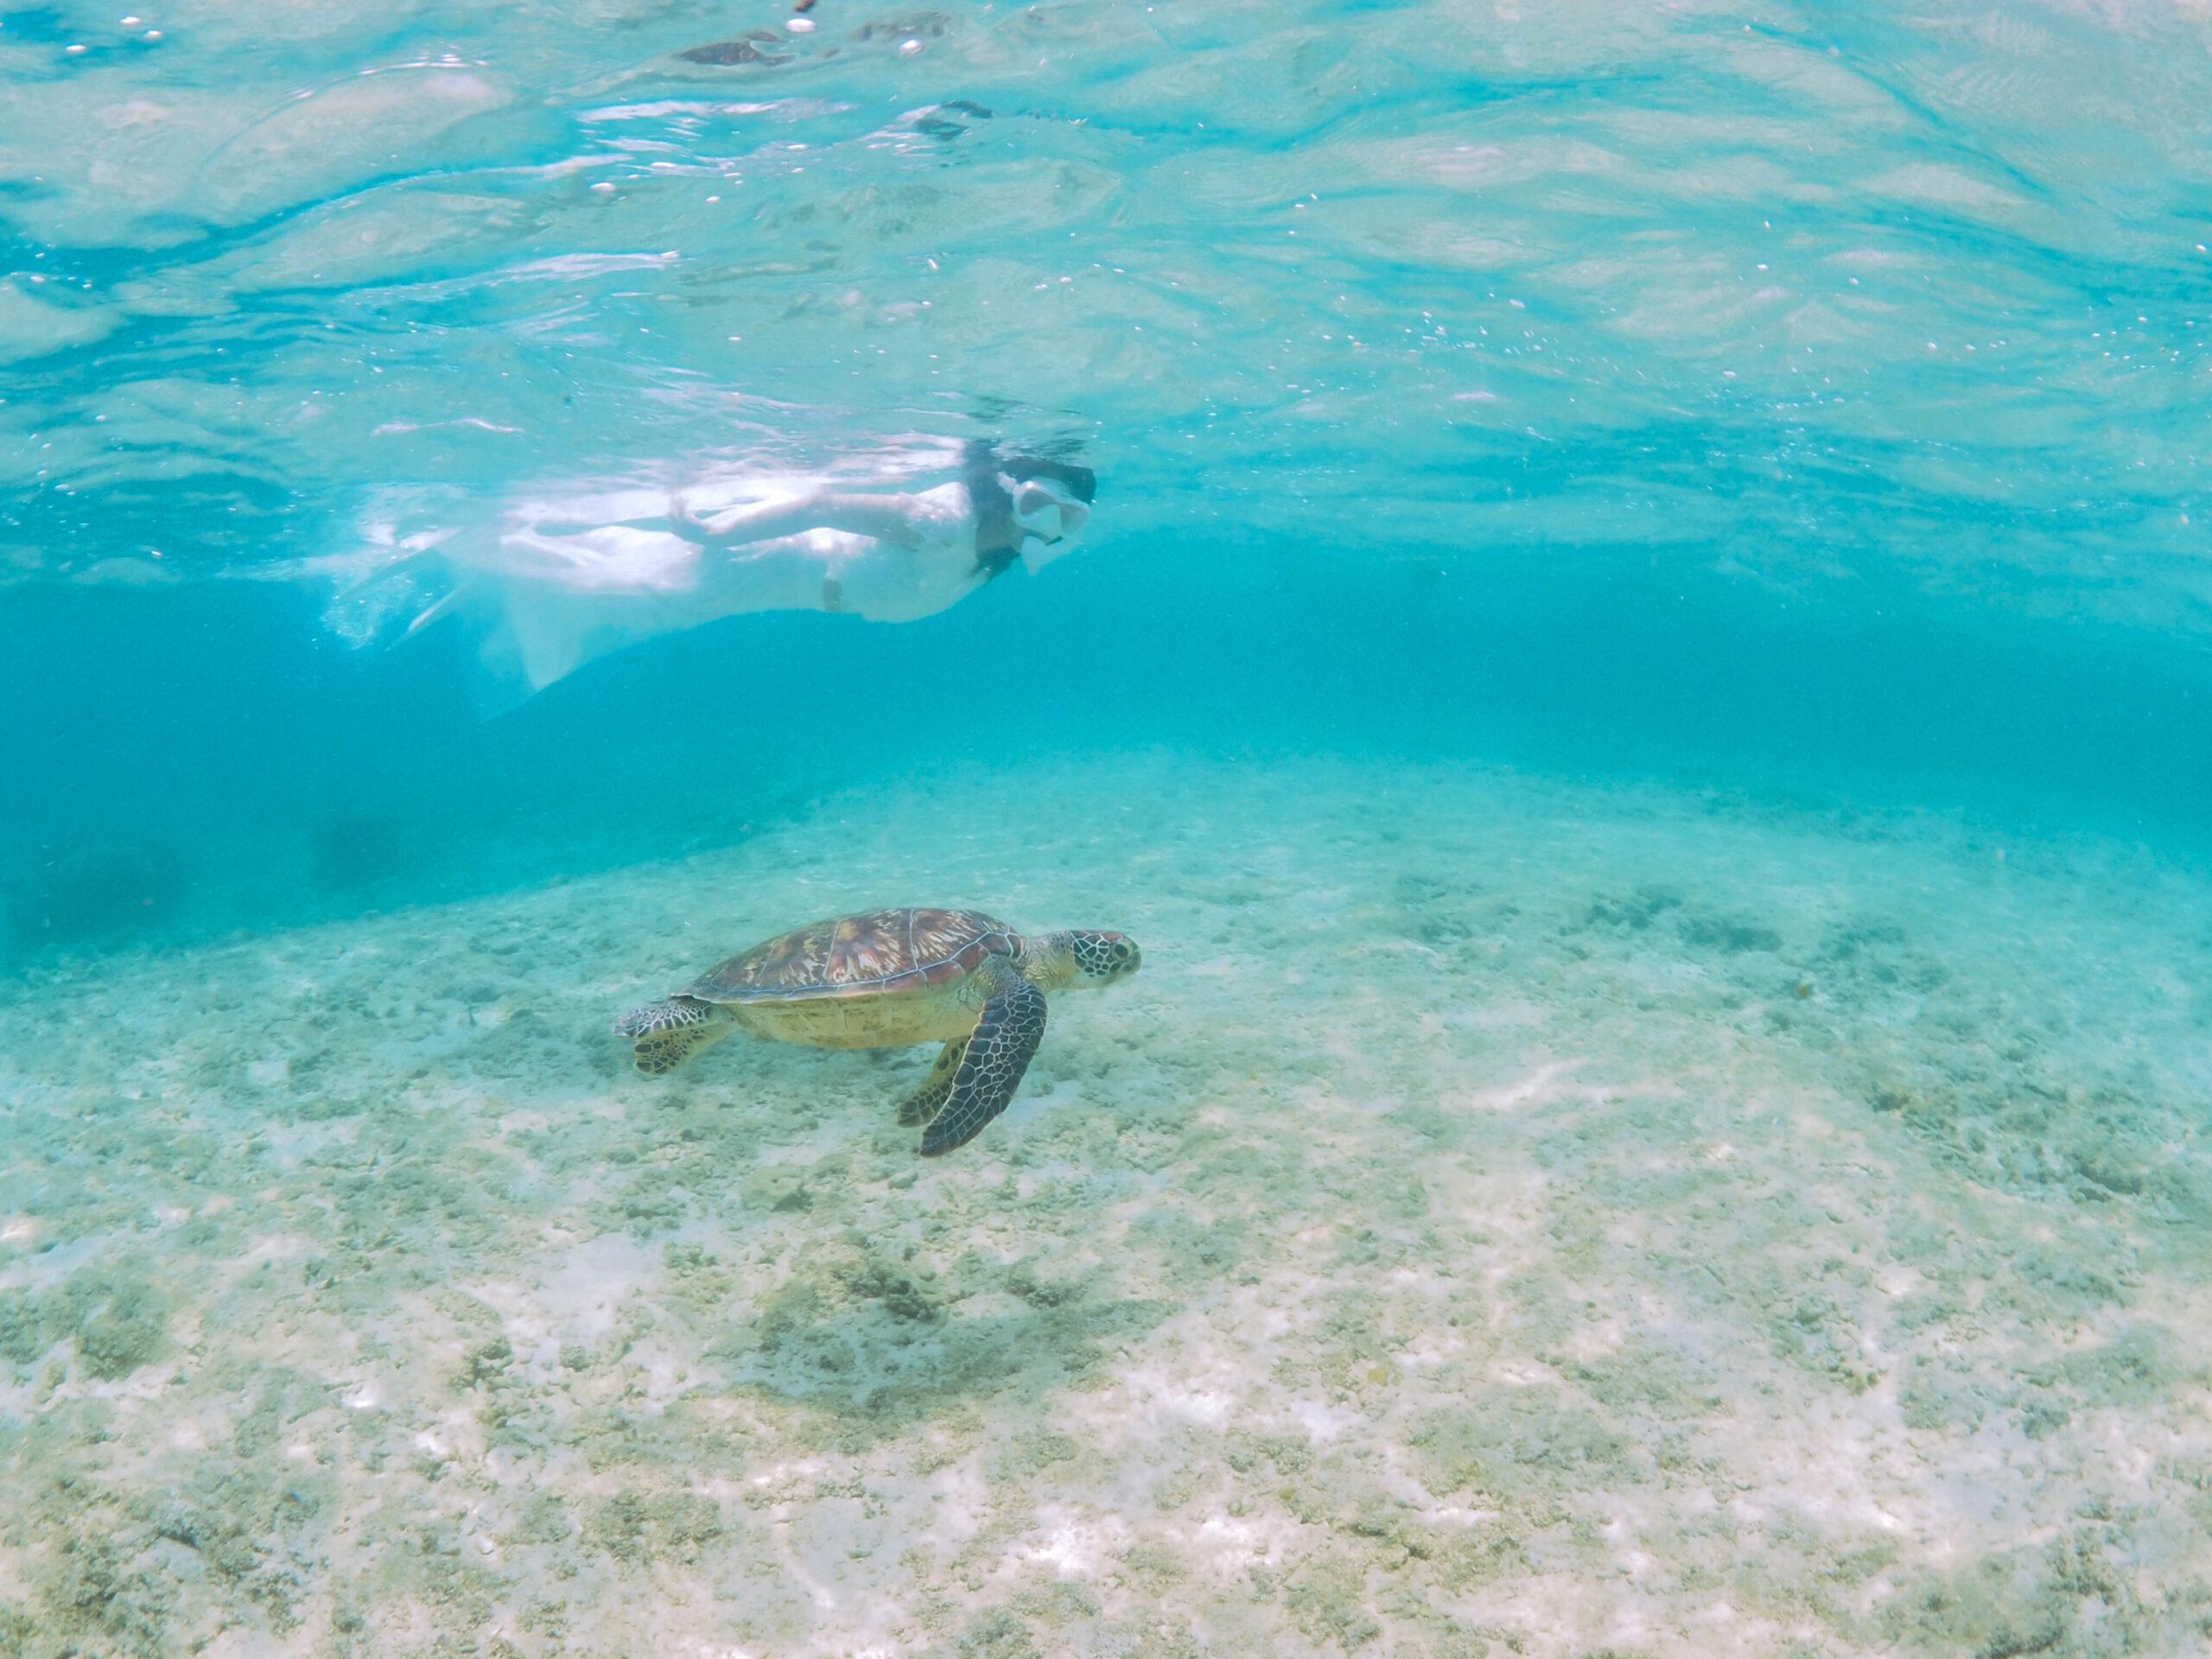 沖縄旅行最終日 スキンダイビングでウミガメと泳ぐ